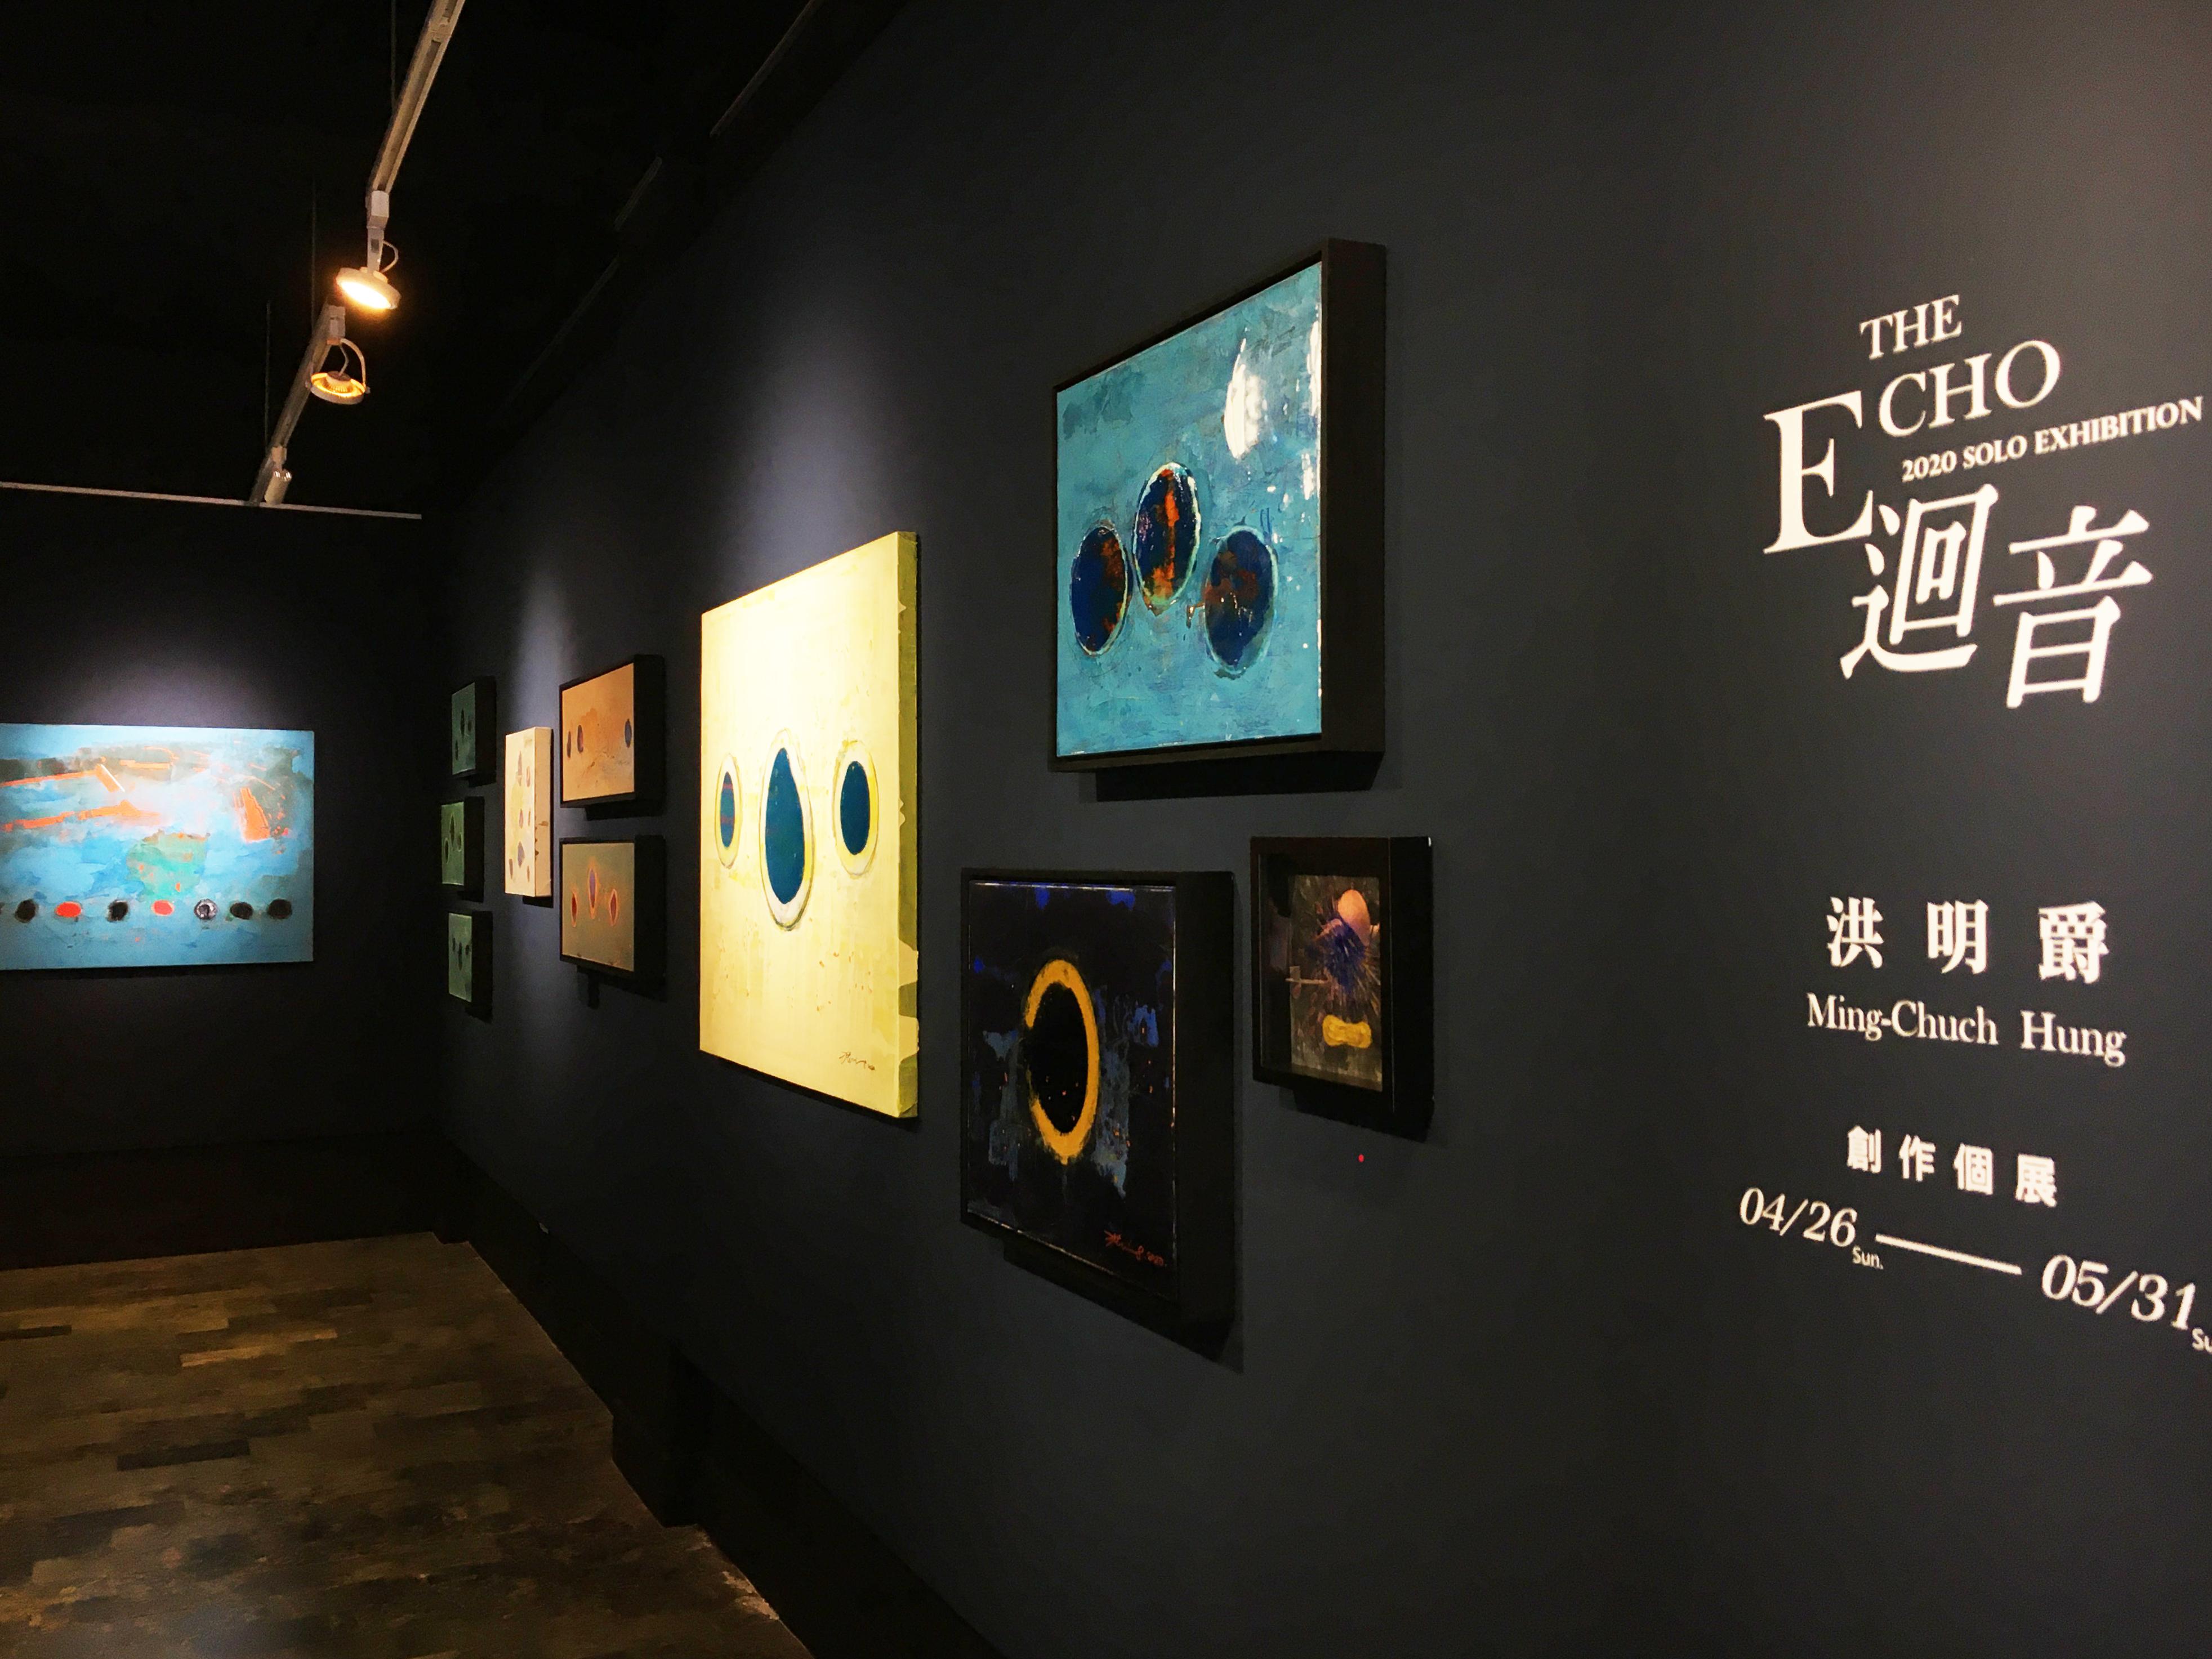 高雄白色記憶藝術空間展出洪明爵2020創作個展《迴音The Echo》。